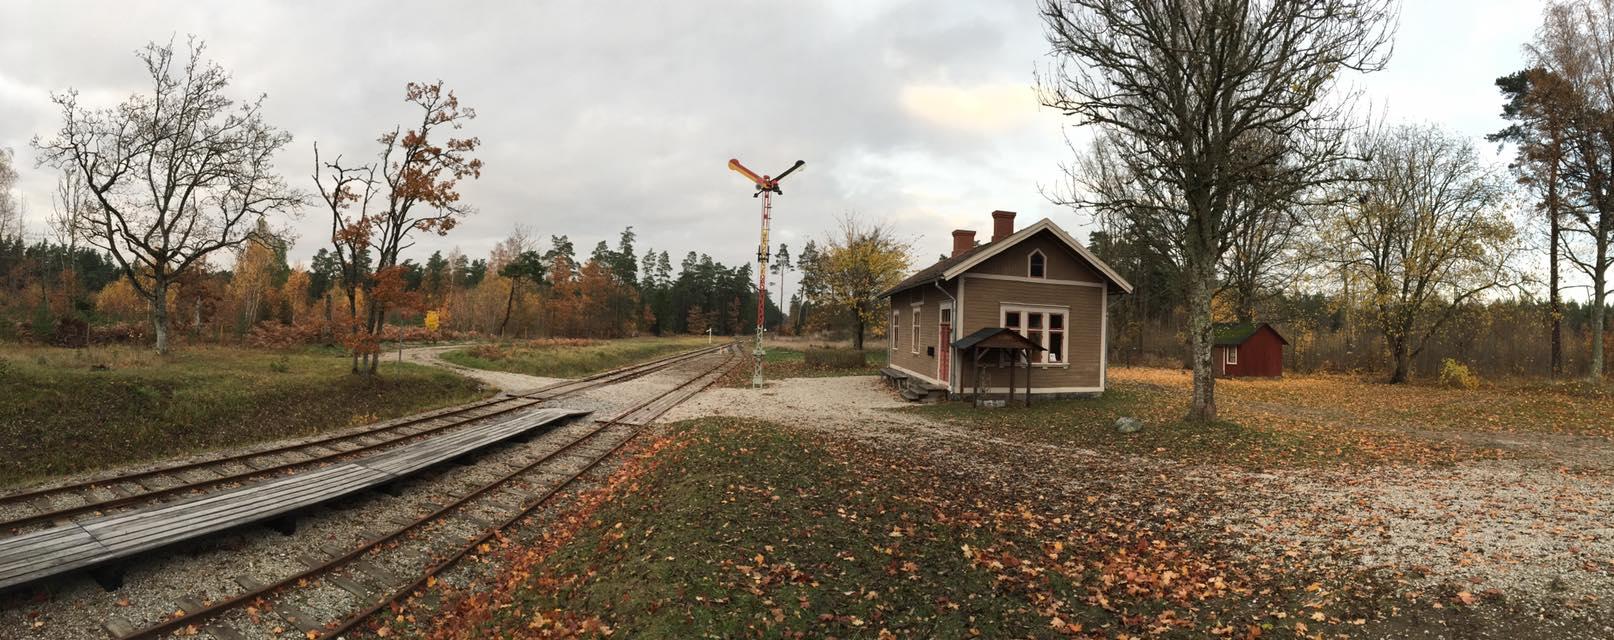 Tule station den 27 oktober 2016